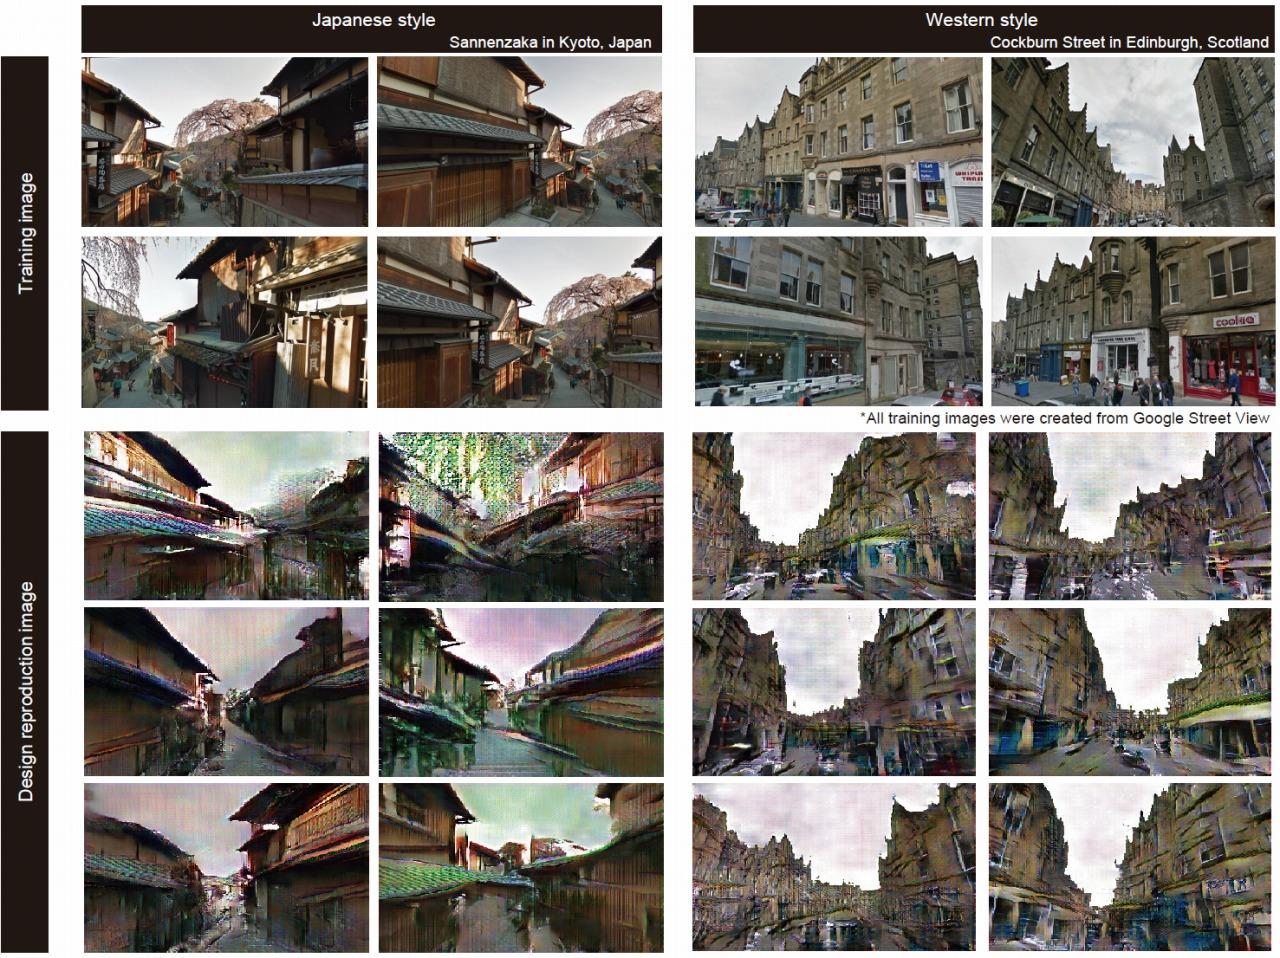 左側が京都、右側が欧米の街並み。それぞれ上の2段が実物の写真、下の3段が自動生成された街並みの画像